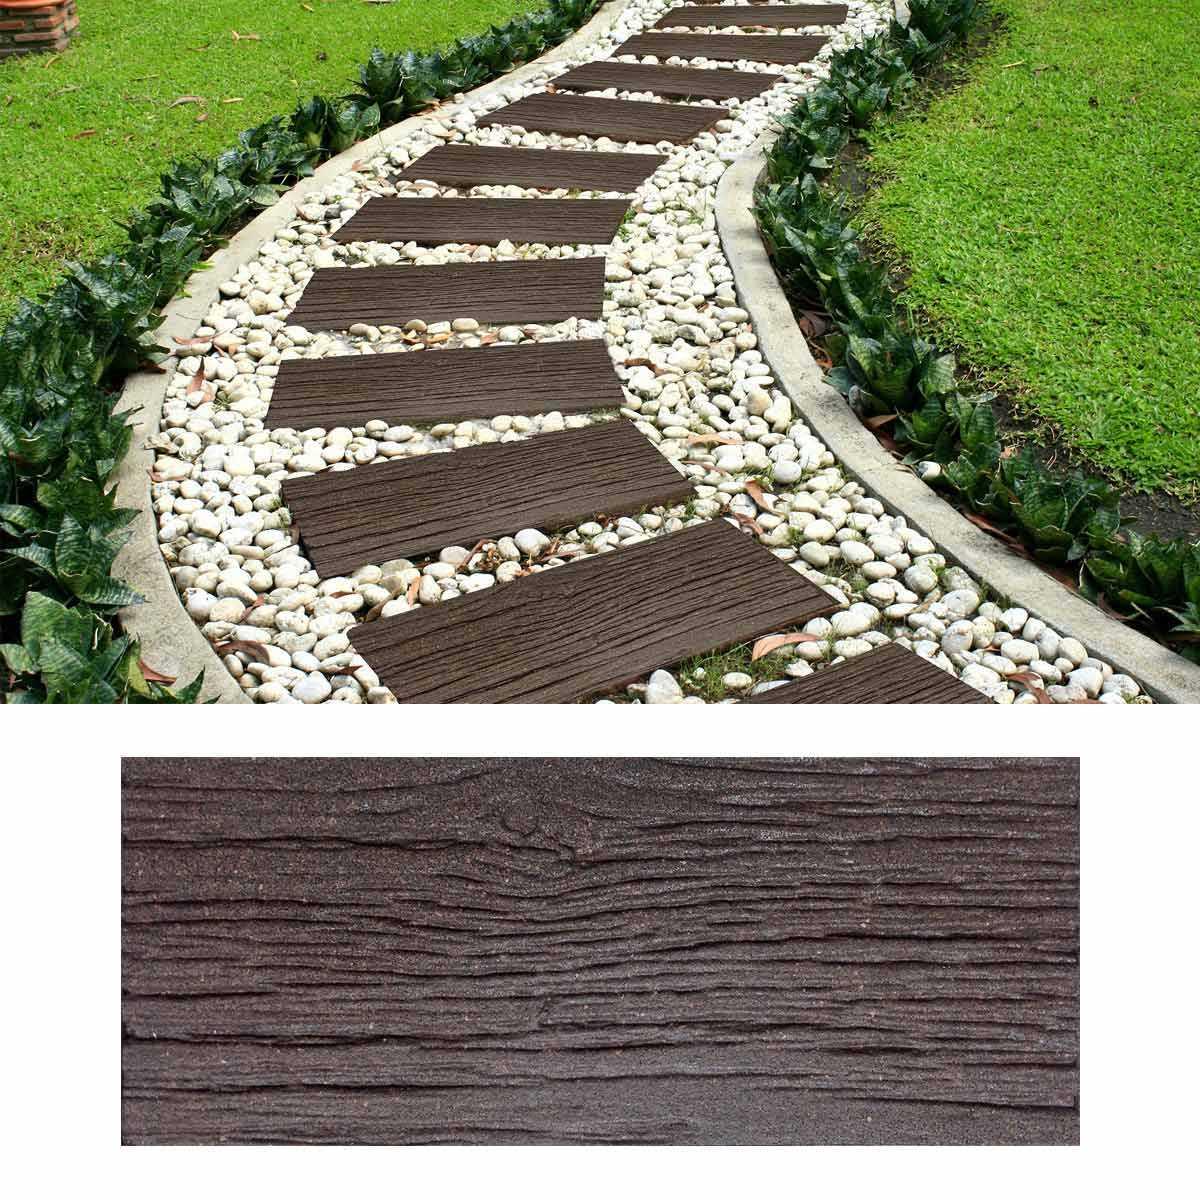 Dalle Extérieure Imitation Bois Caoutchouc Recyclé 25x60cm